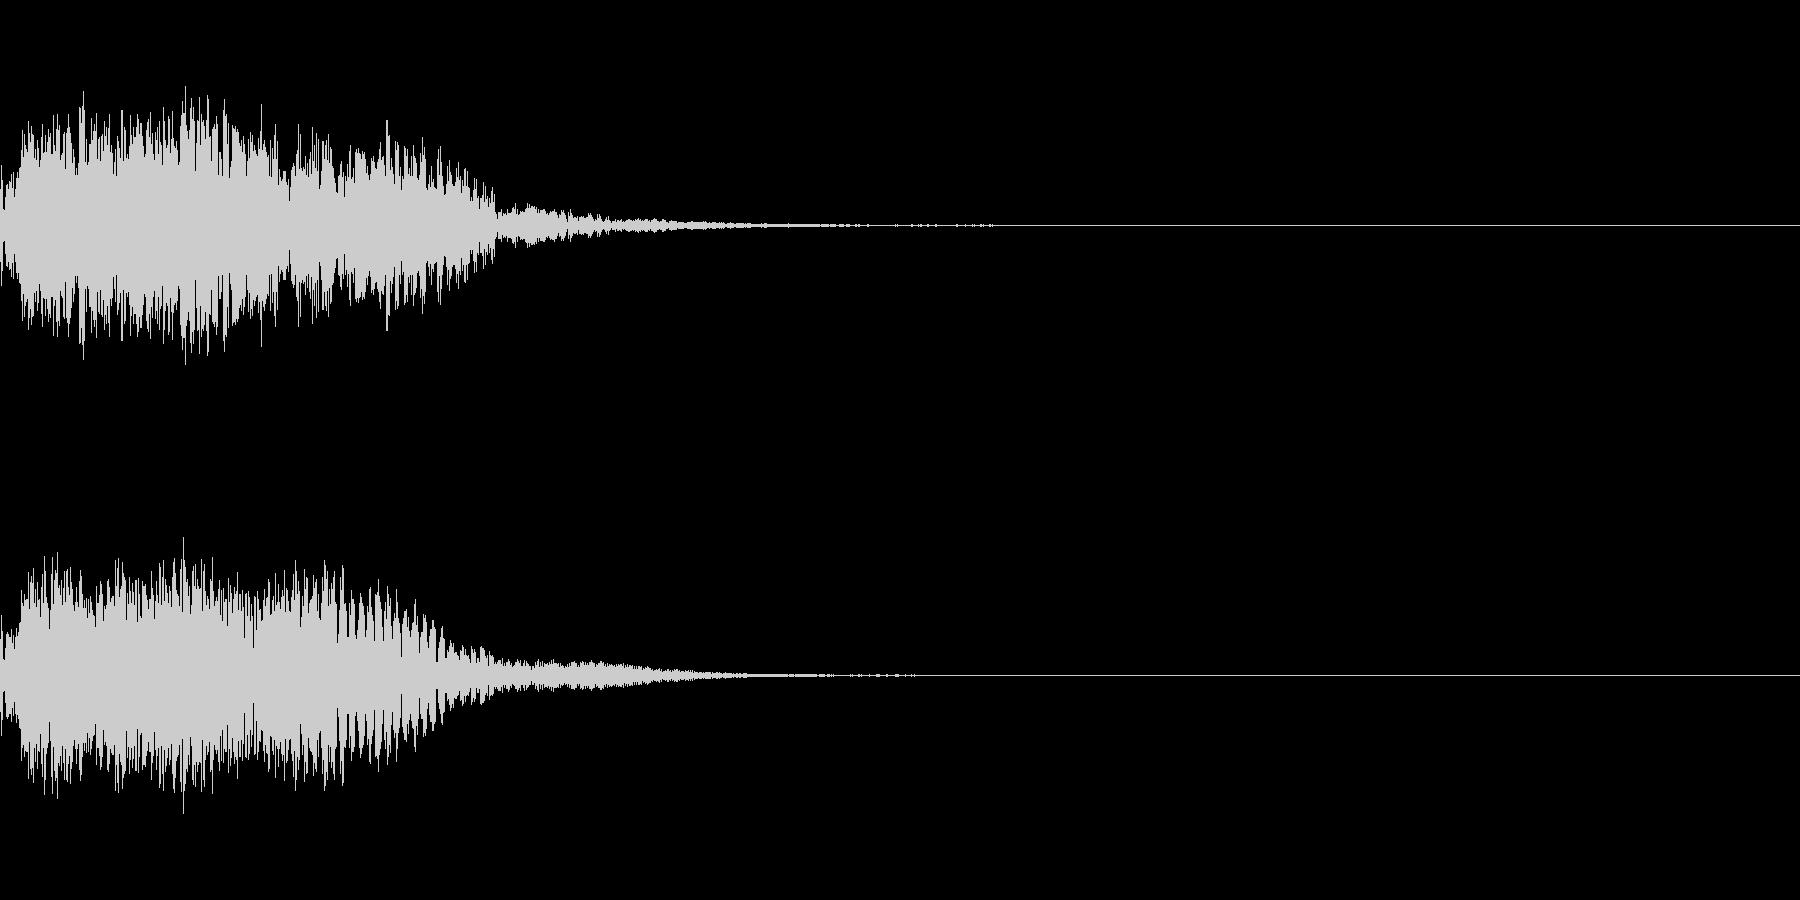 キュイン キーン シャキーン 光る 06の未再生の波形